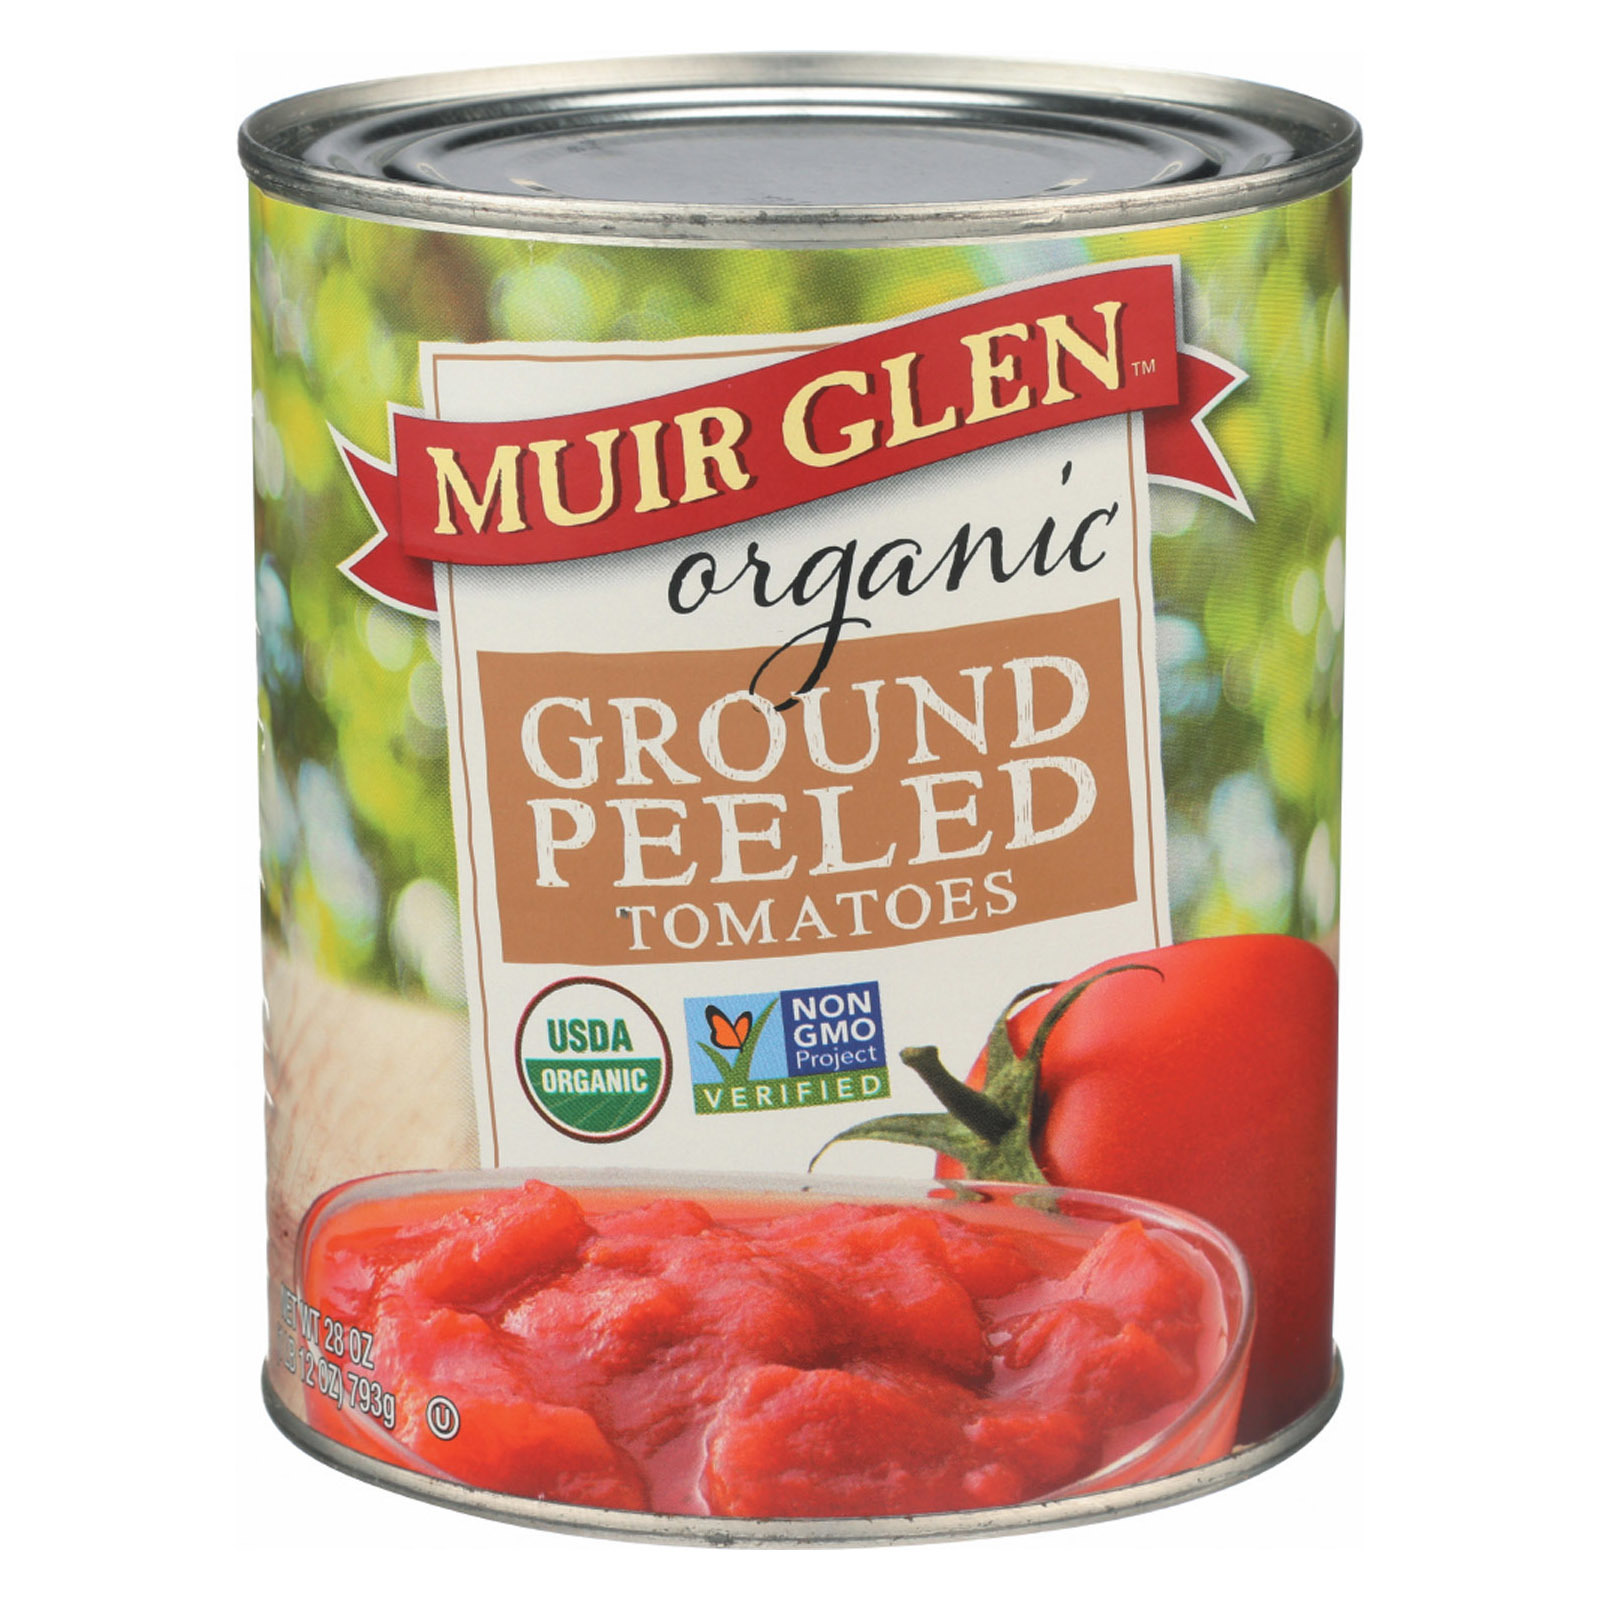 Muir Glen Ground Peeled Tomato - Tomato - Case of 12 - 28 oz.